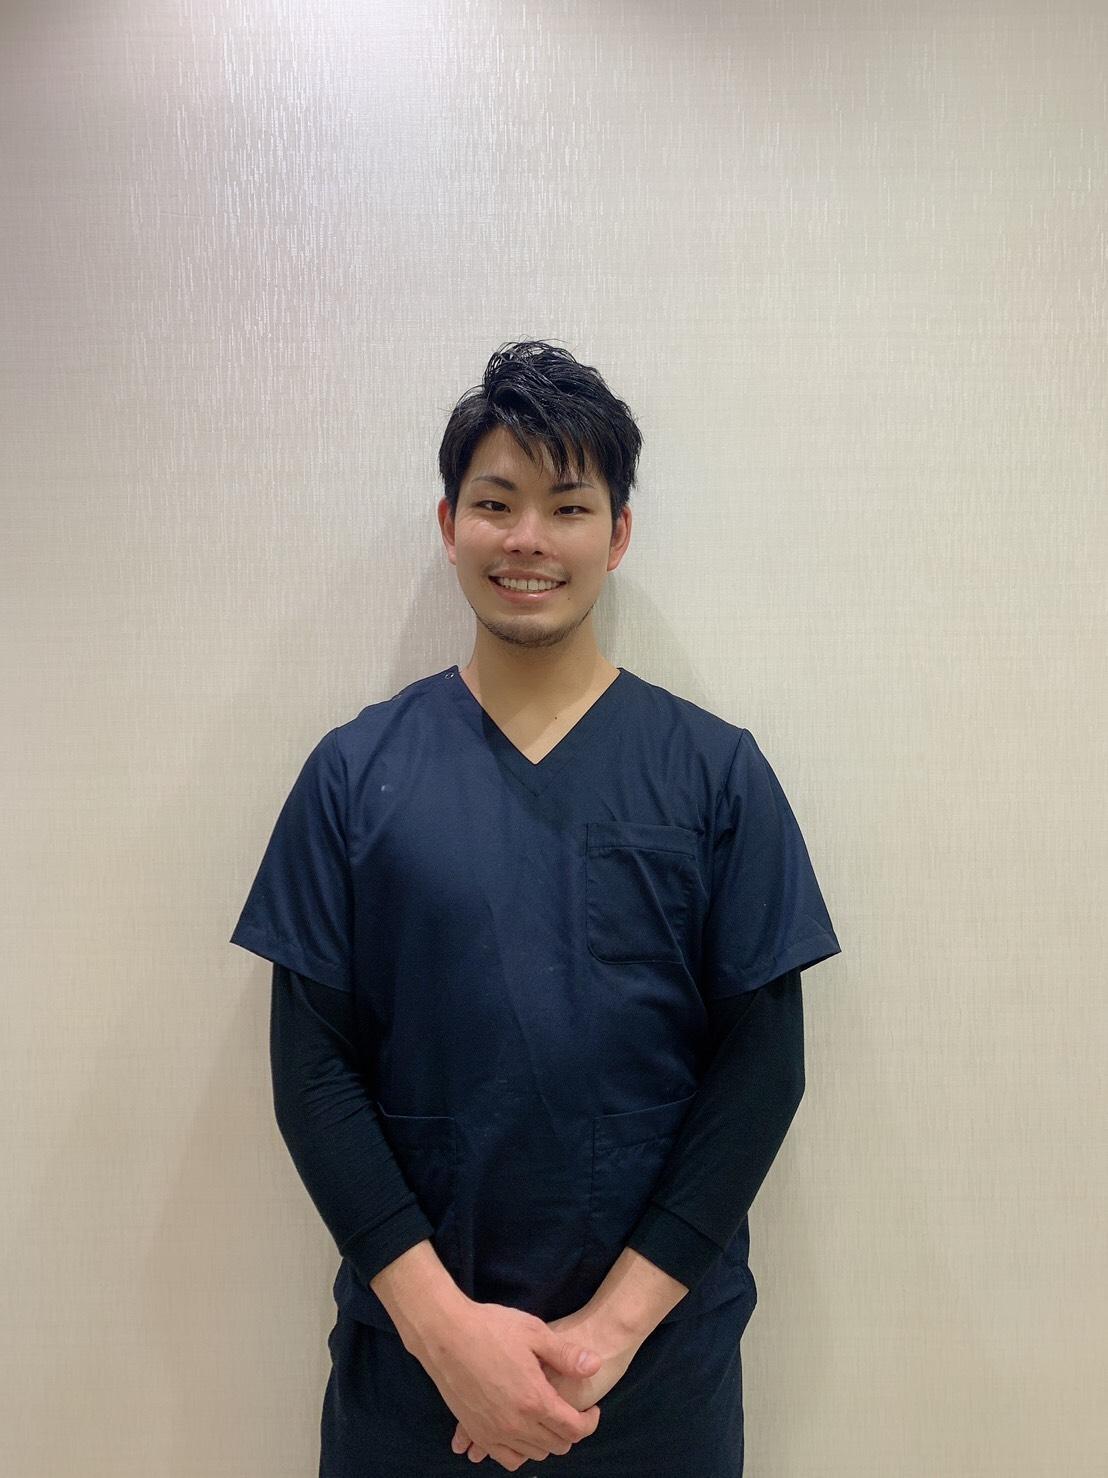 大橋憲一 歯科医師